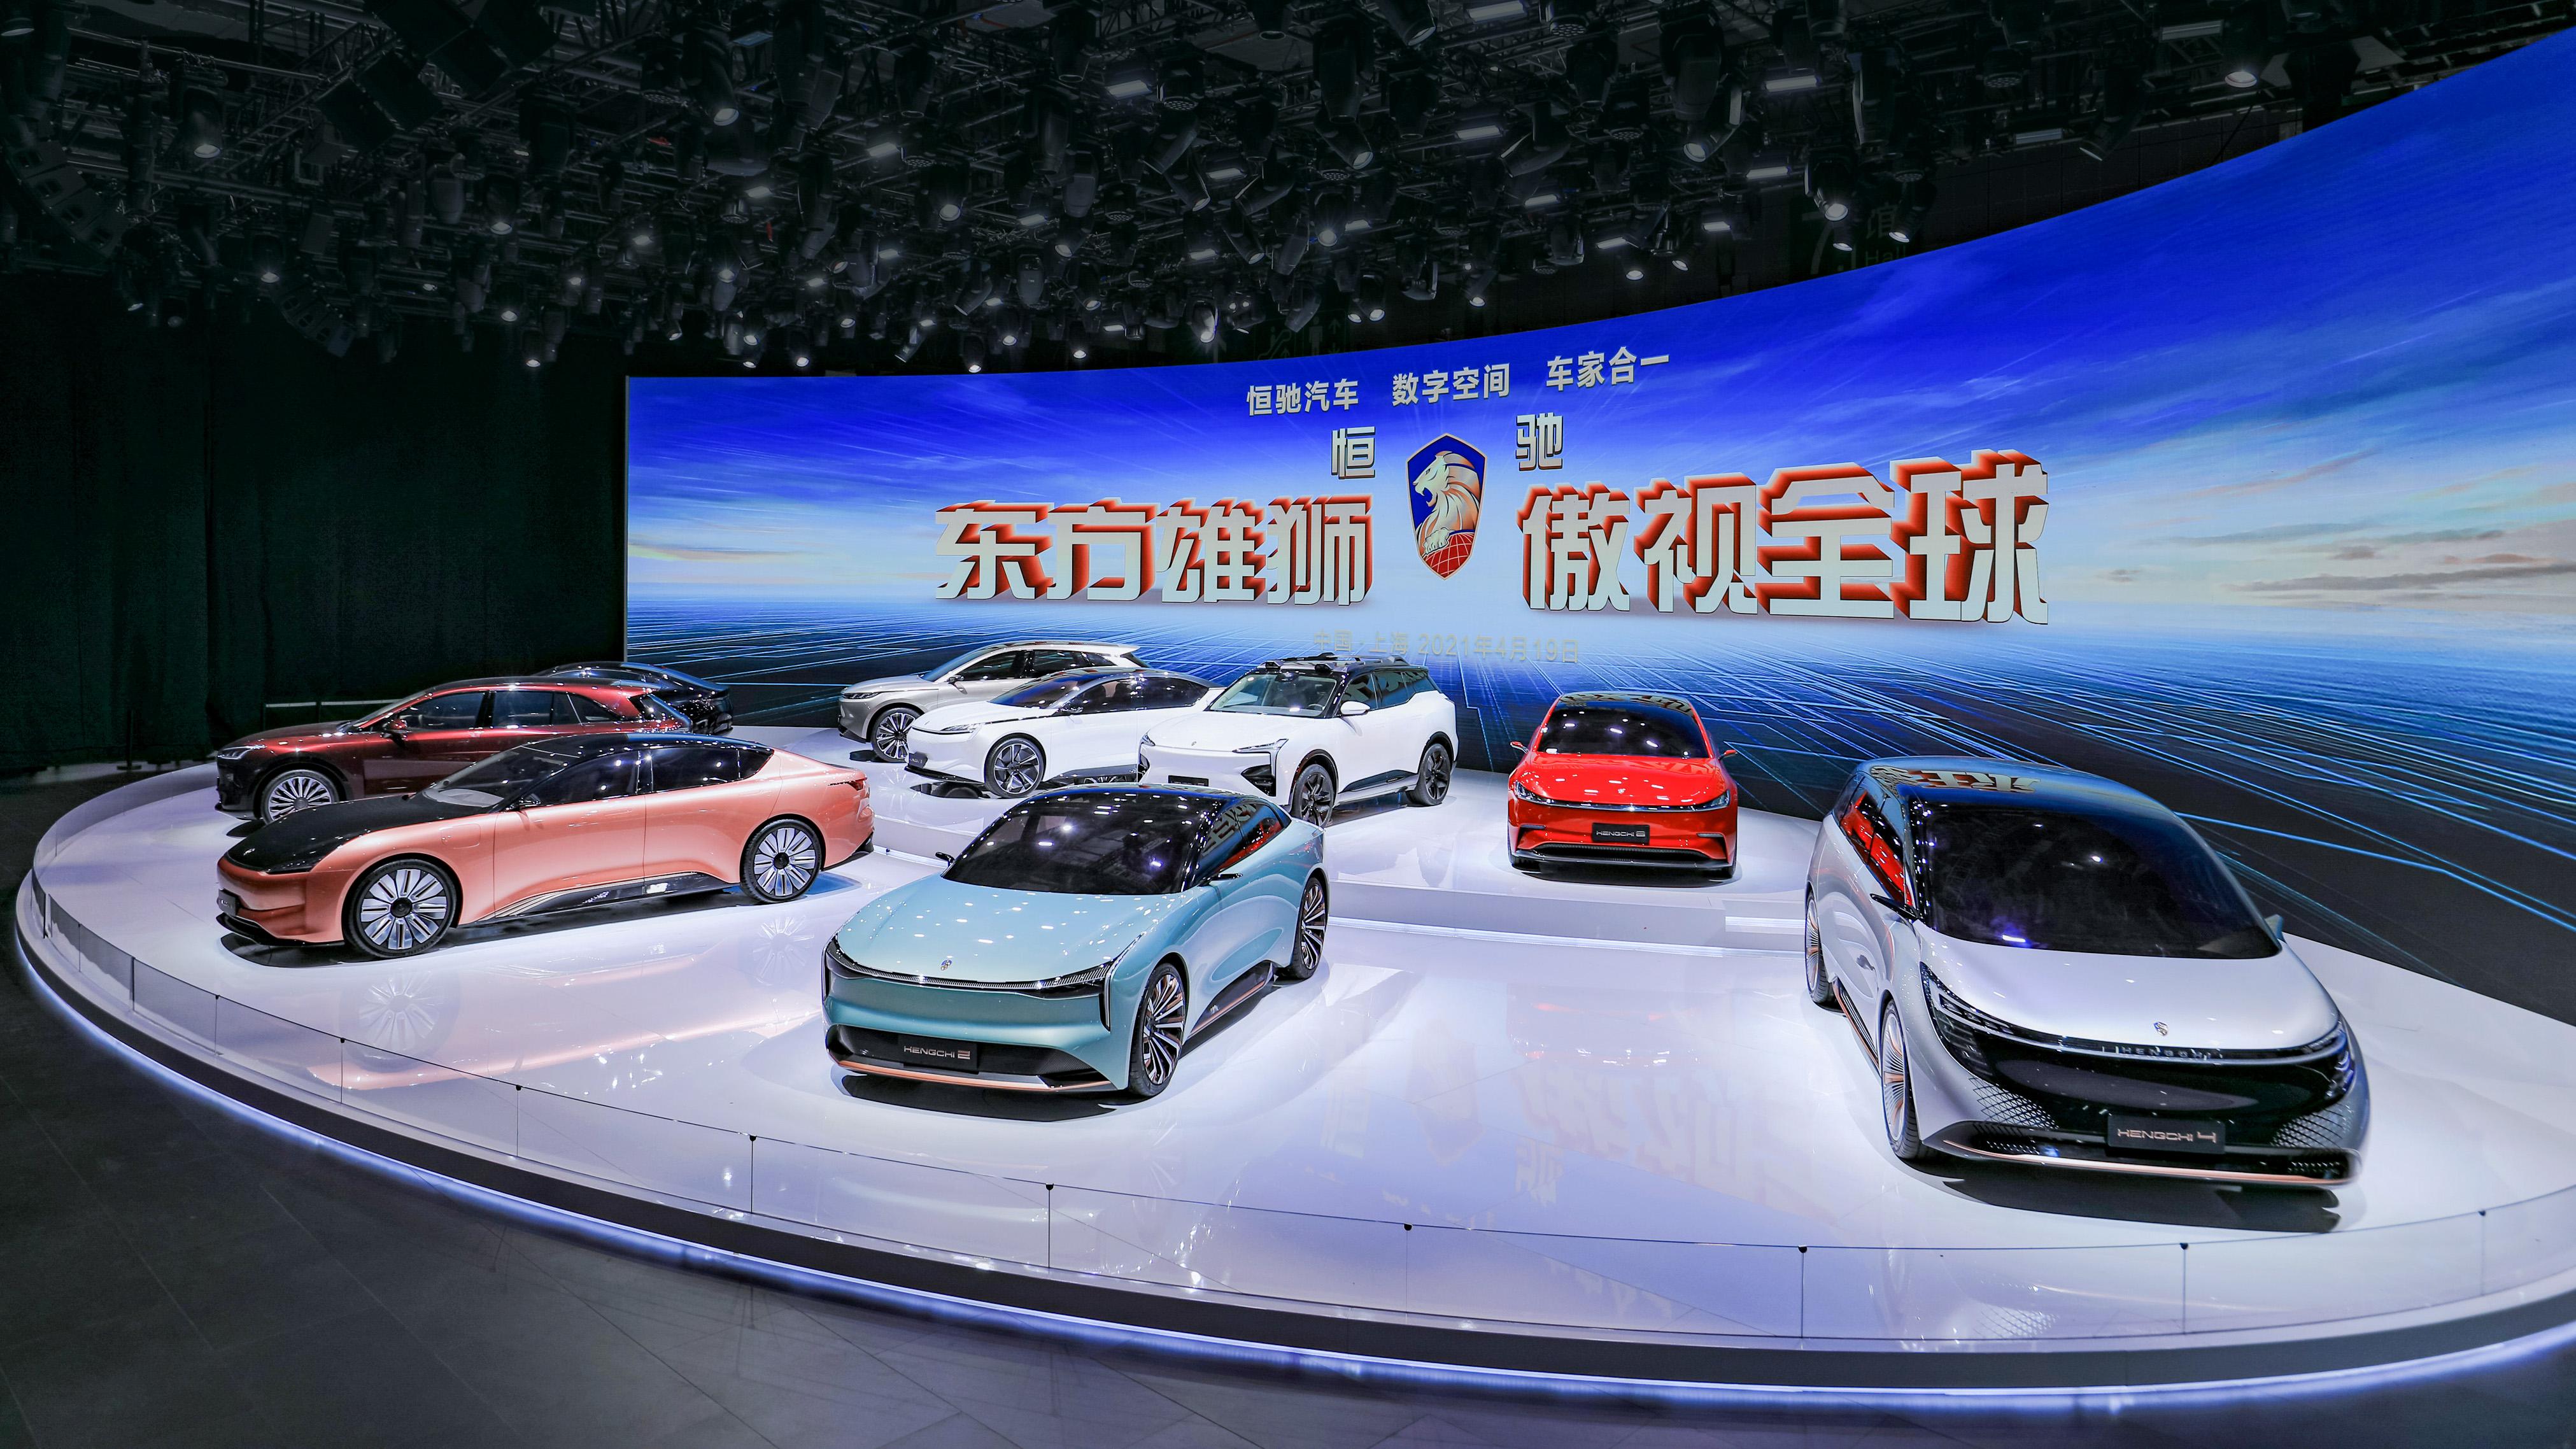 恒大汽车频获市场认可,市值或迎新一轮爆发